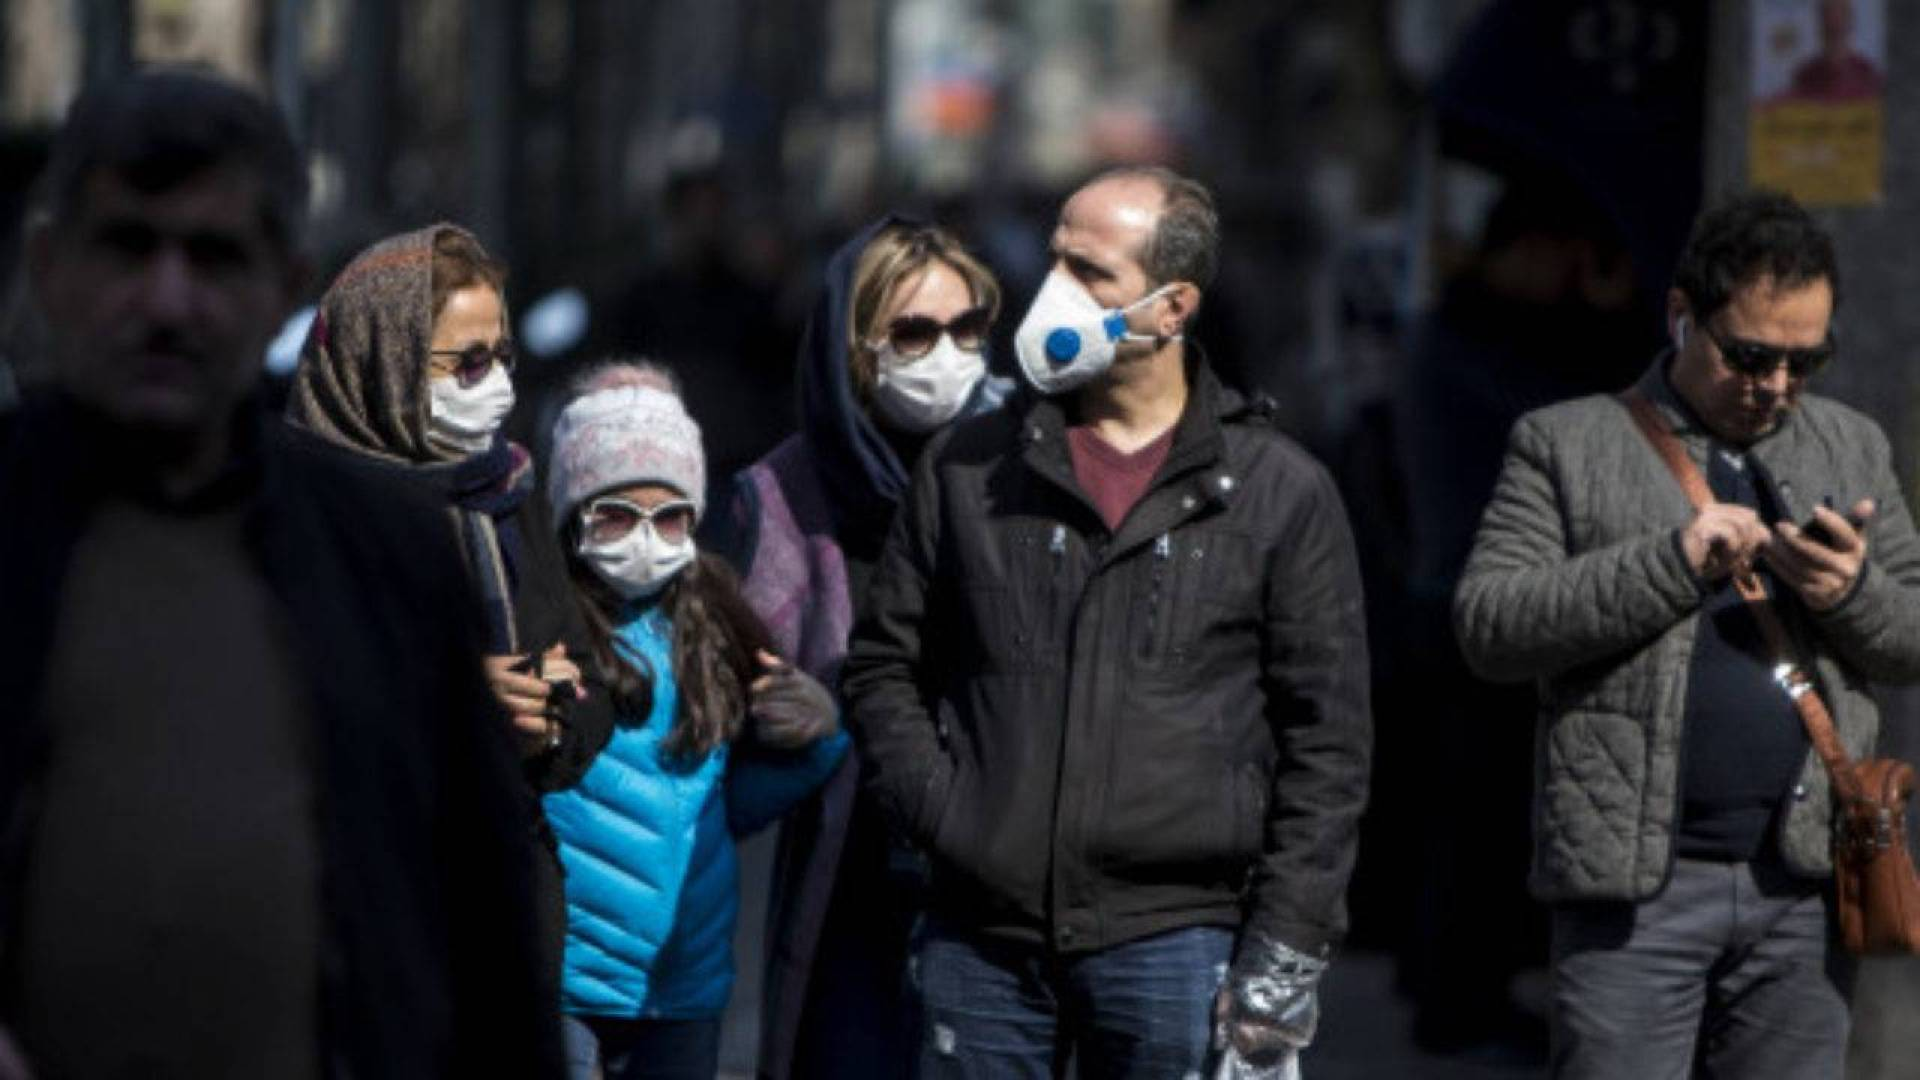 بعد انتشار «كورونا».. إيران لمواطنيها: على الجميع البقاء في منازلهم